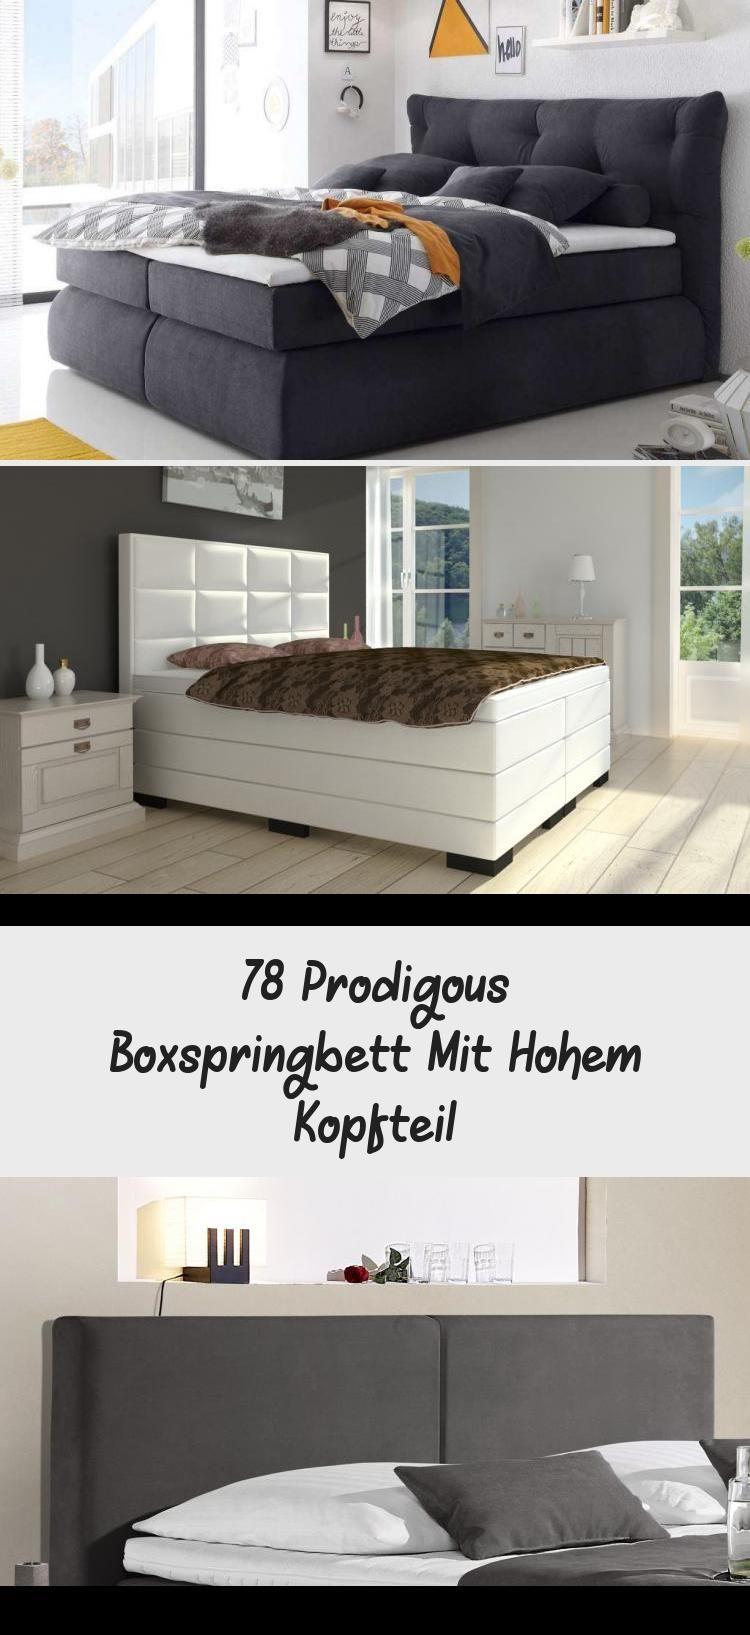 78 Prodigous Boxspringbett Mit Hohem Kopfteil Home Decor Decor Home